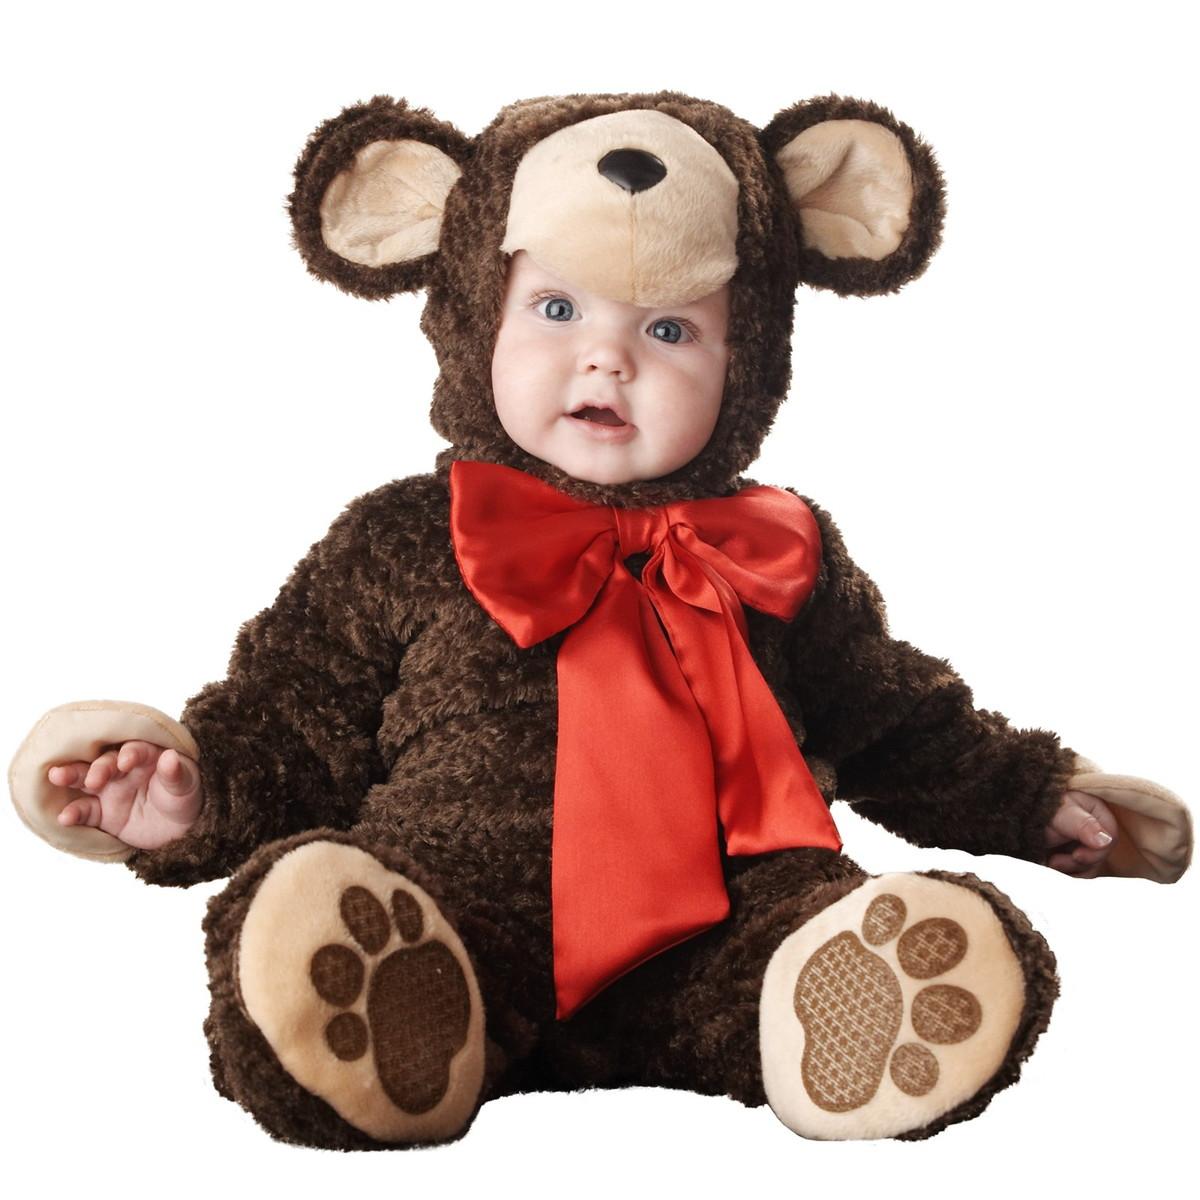 着ぐるみ きぐるみ キャラクター きぐるみ ベビー アニマル 子供 ハロウィン コスプレ テディベア